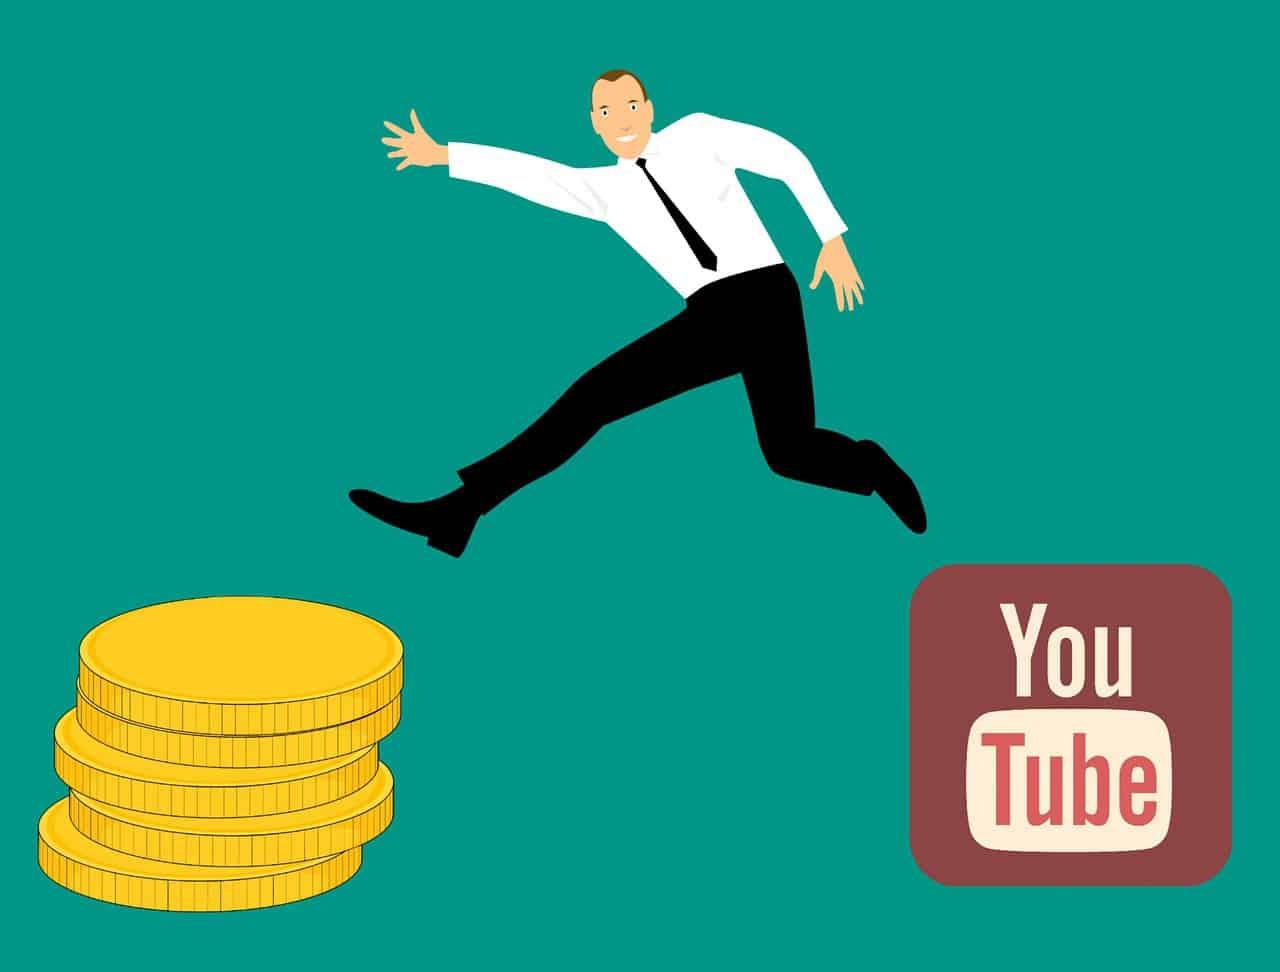 كيف اربح المال من يوتيوب